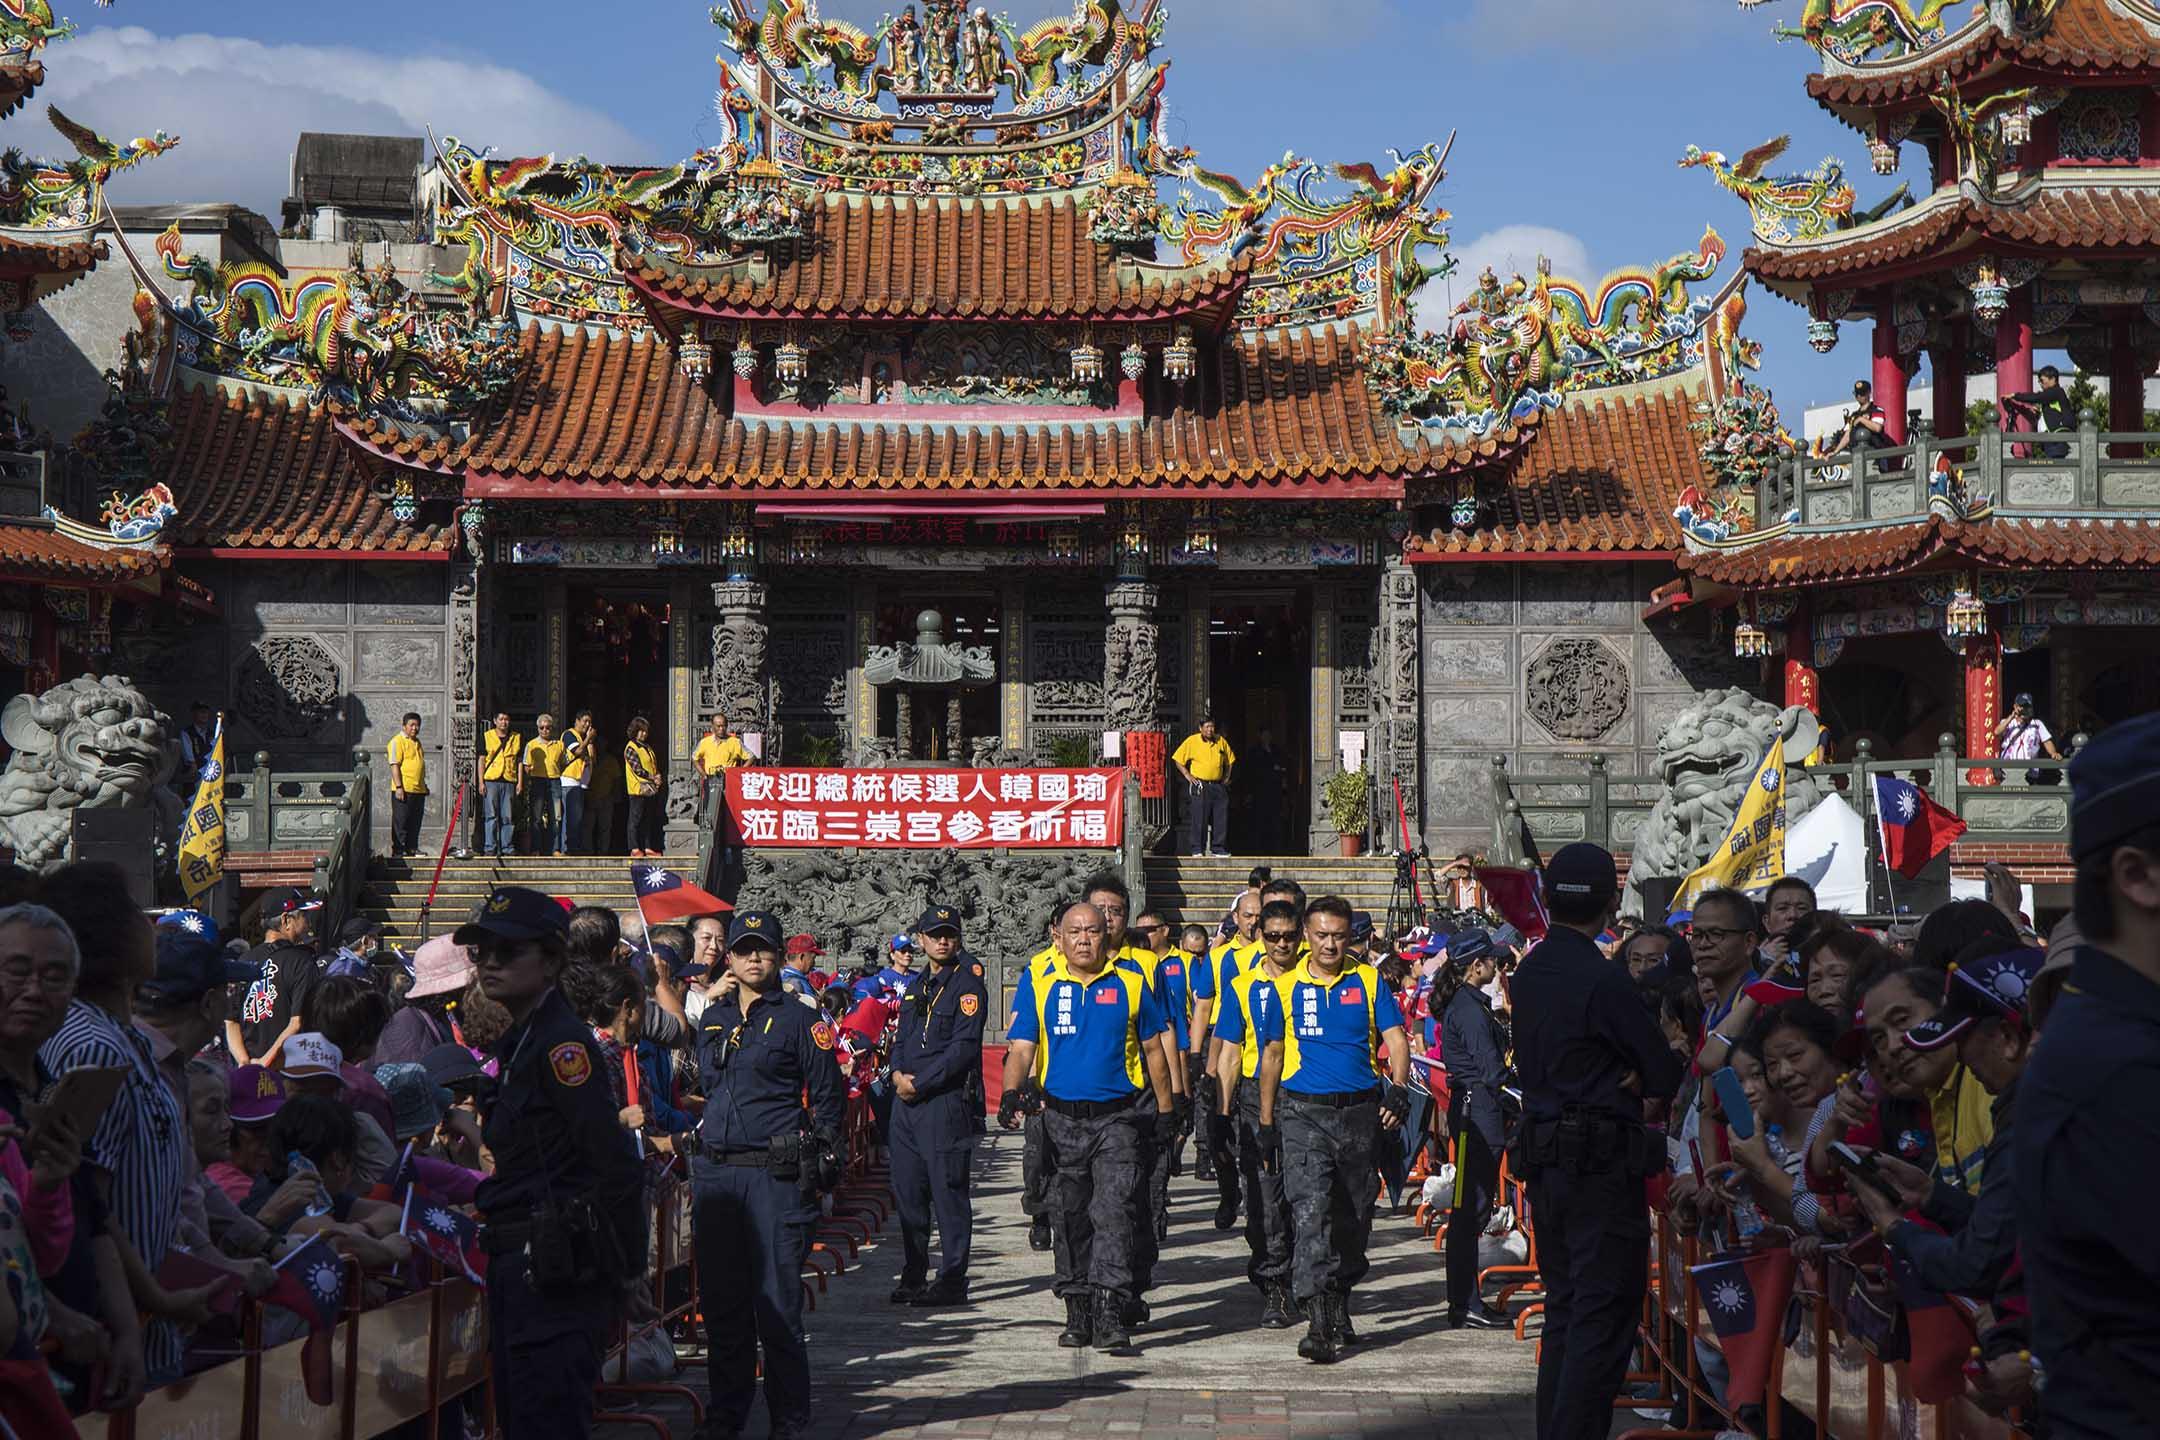 2019年11月1日,支持者在桃園一問宮廟等候韓國瑜。 攝:陳焯煇/端傳媒